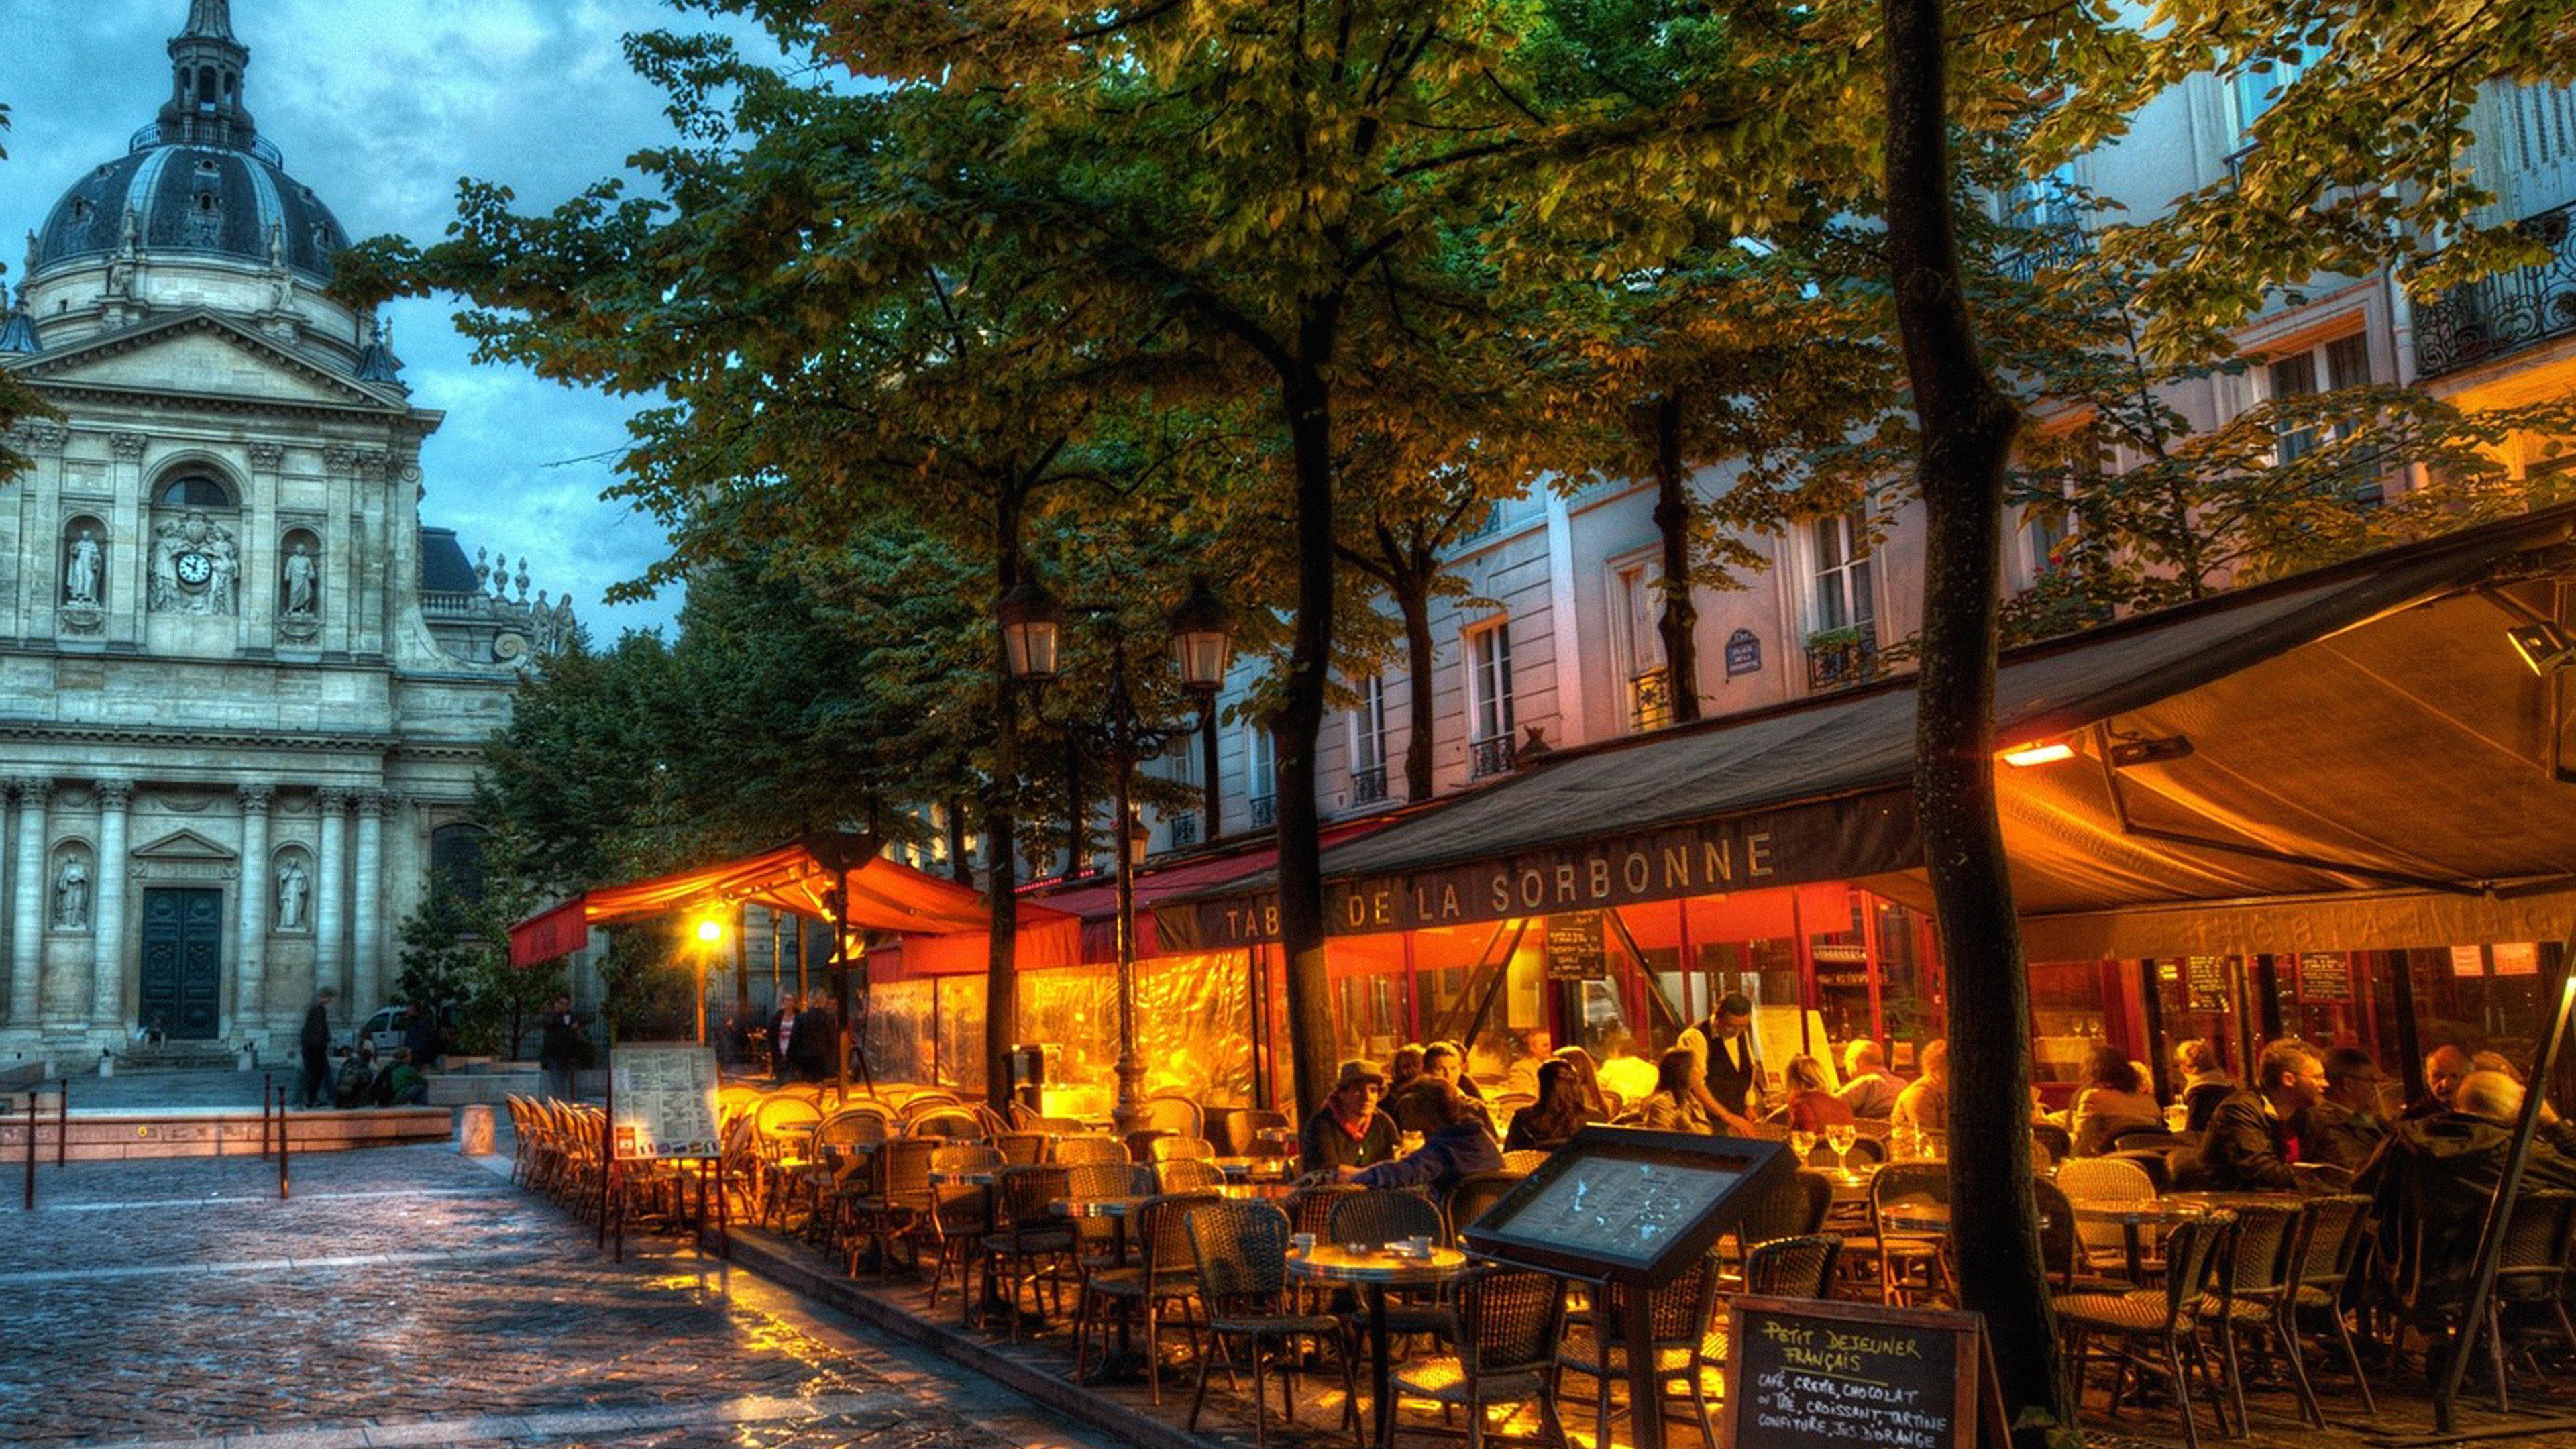 Me85 De La Sorbonne City Street Papers Co